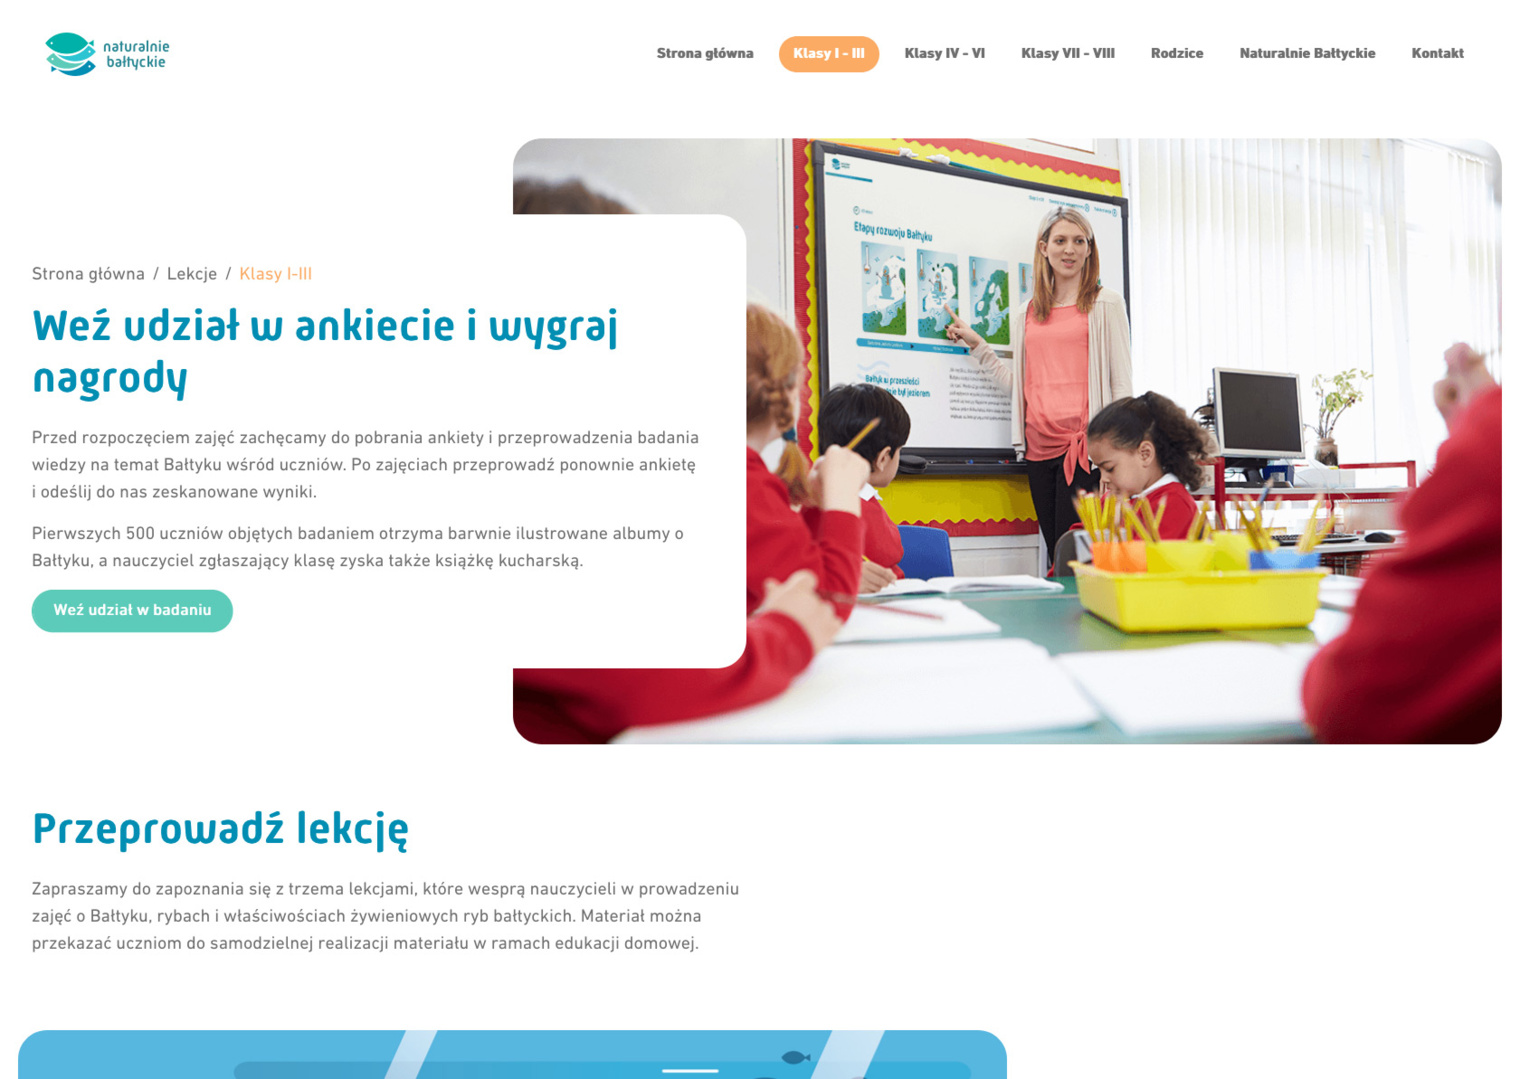 Screenshot from the desktop